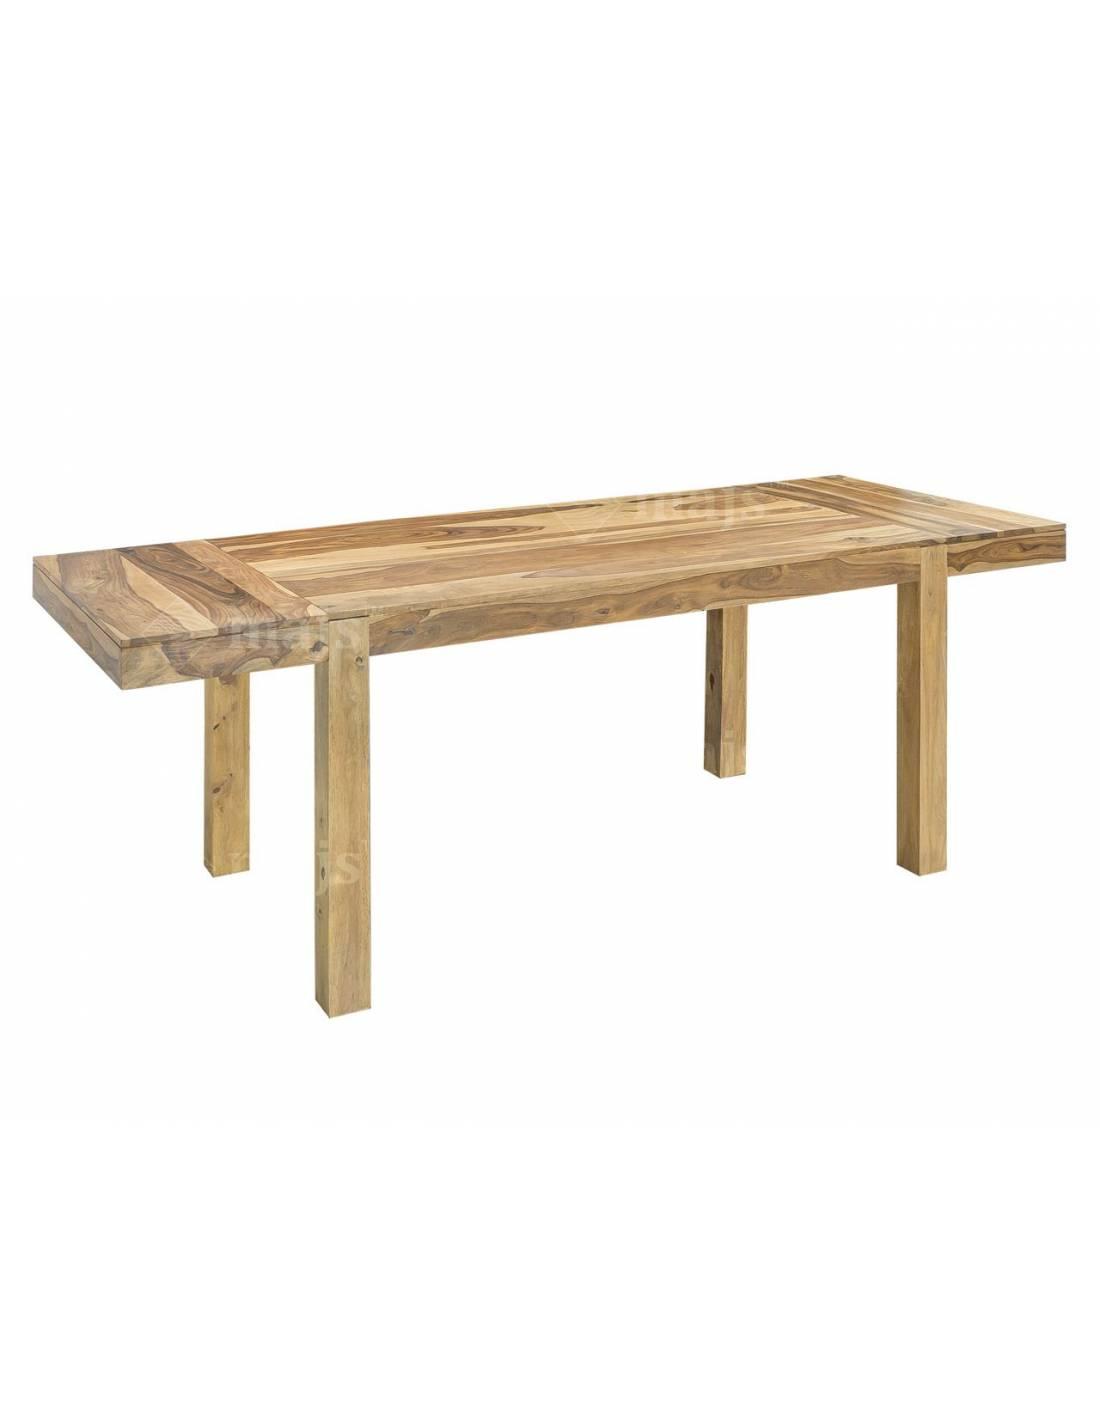 Stół 160-240 cm do jadalni z litego egzotycznego drewna palisandru